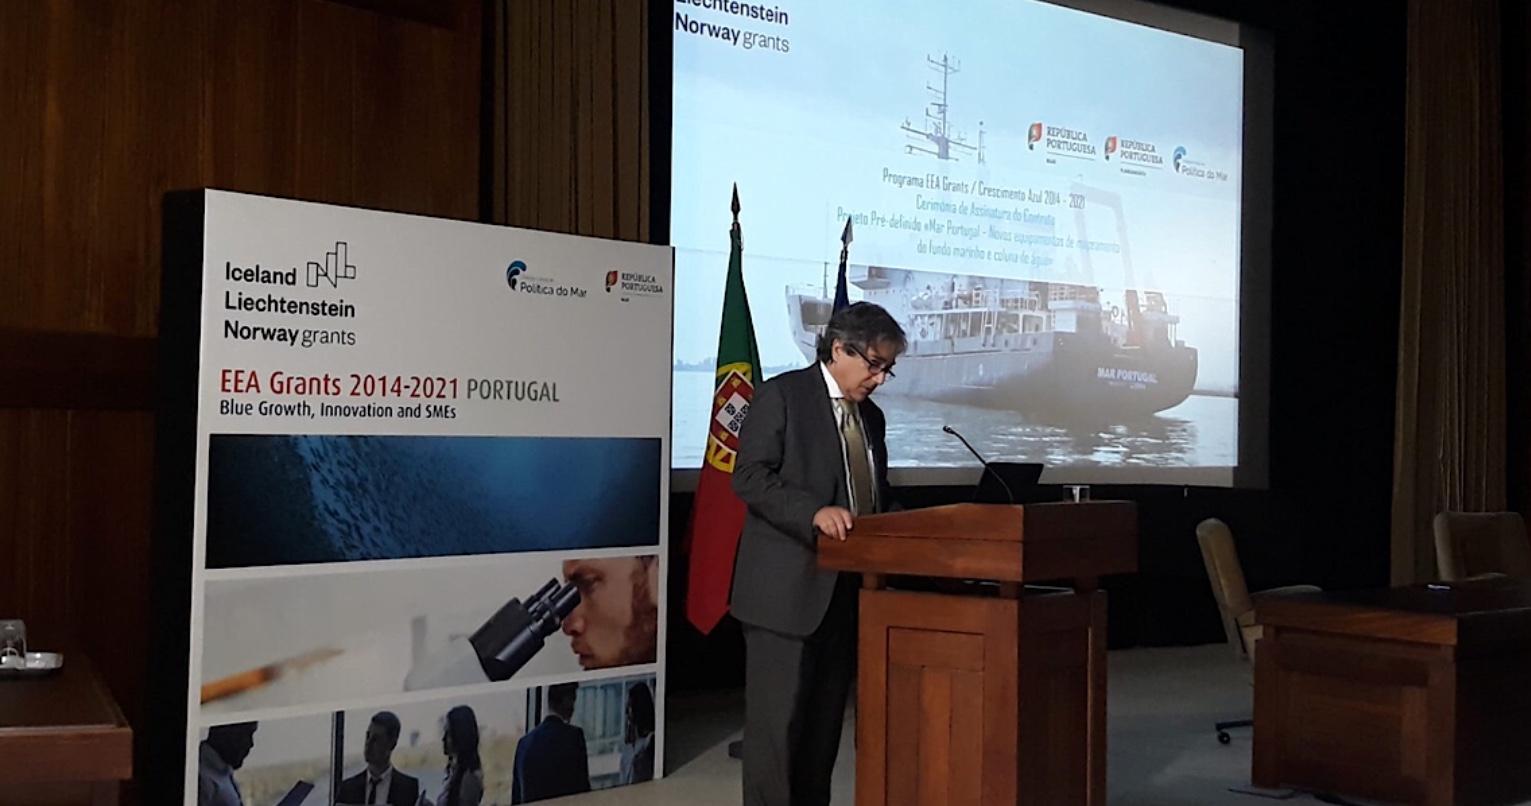 Reforçada capacidade de Portugal na investigação científica no oceano